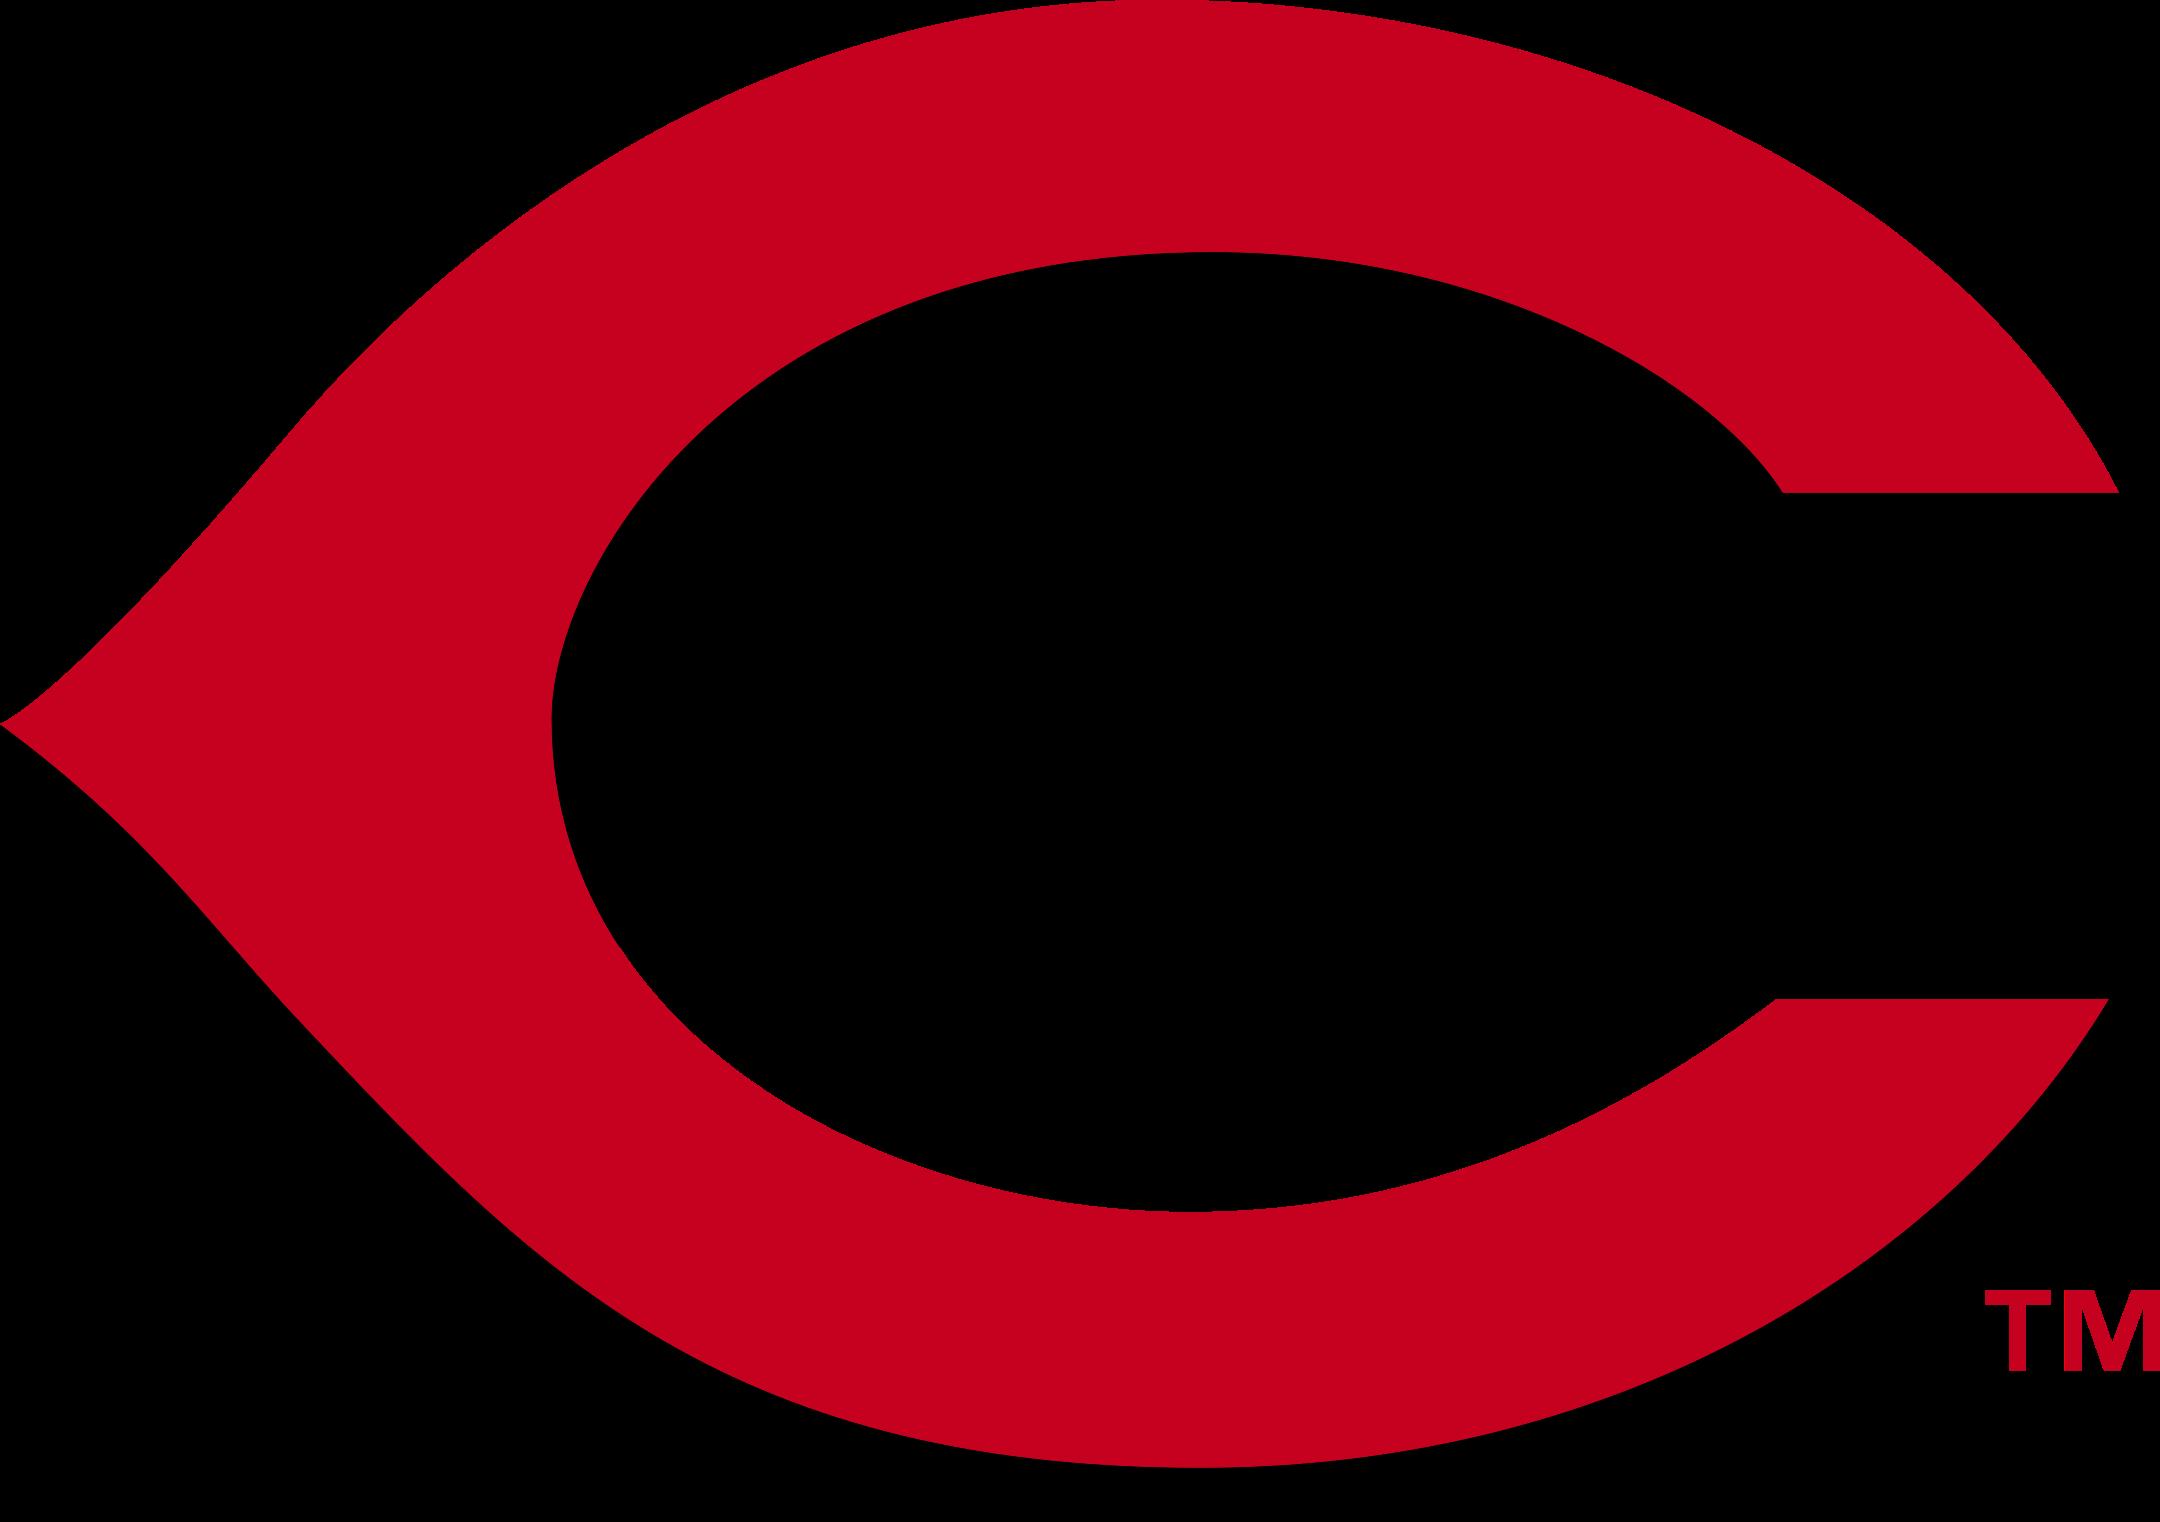 cincinnati reds logo 1 - Cincinnati Reds Logo